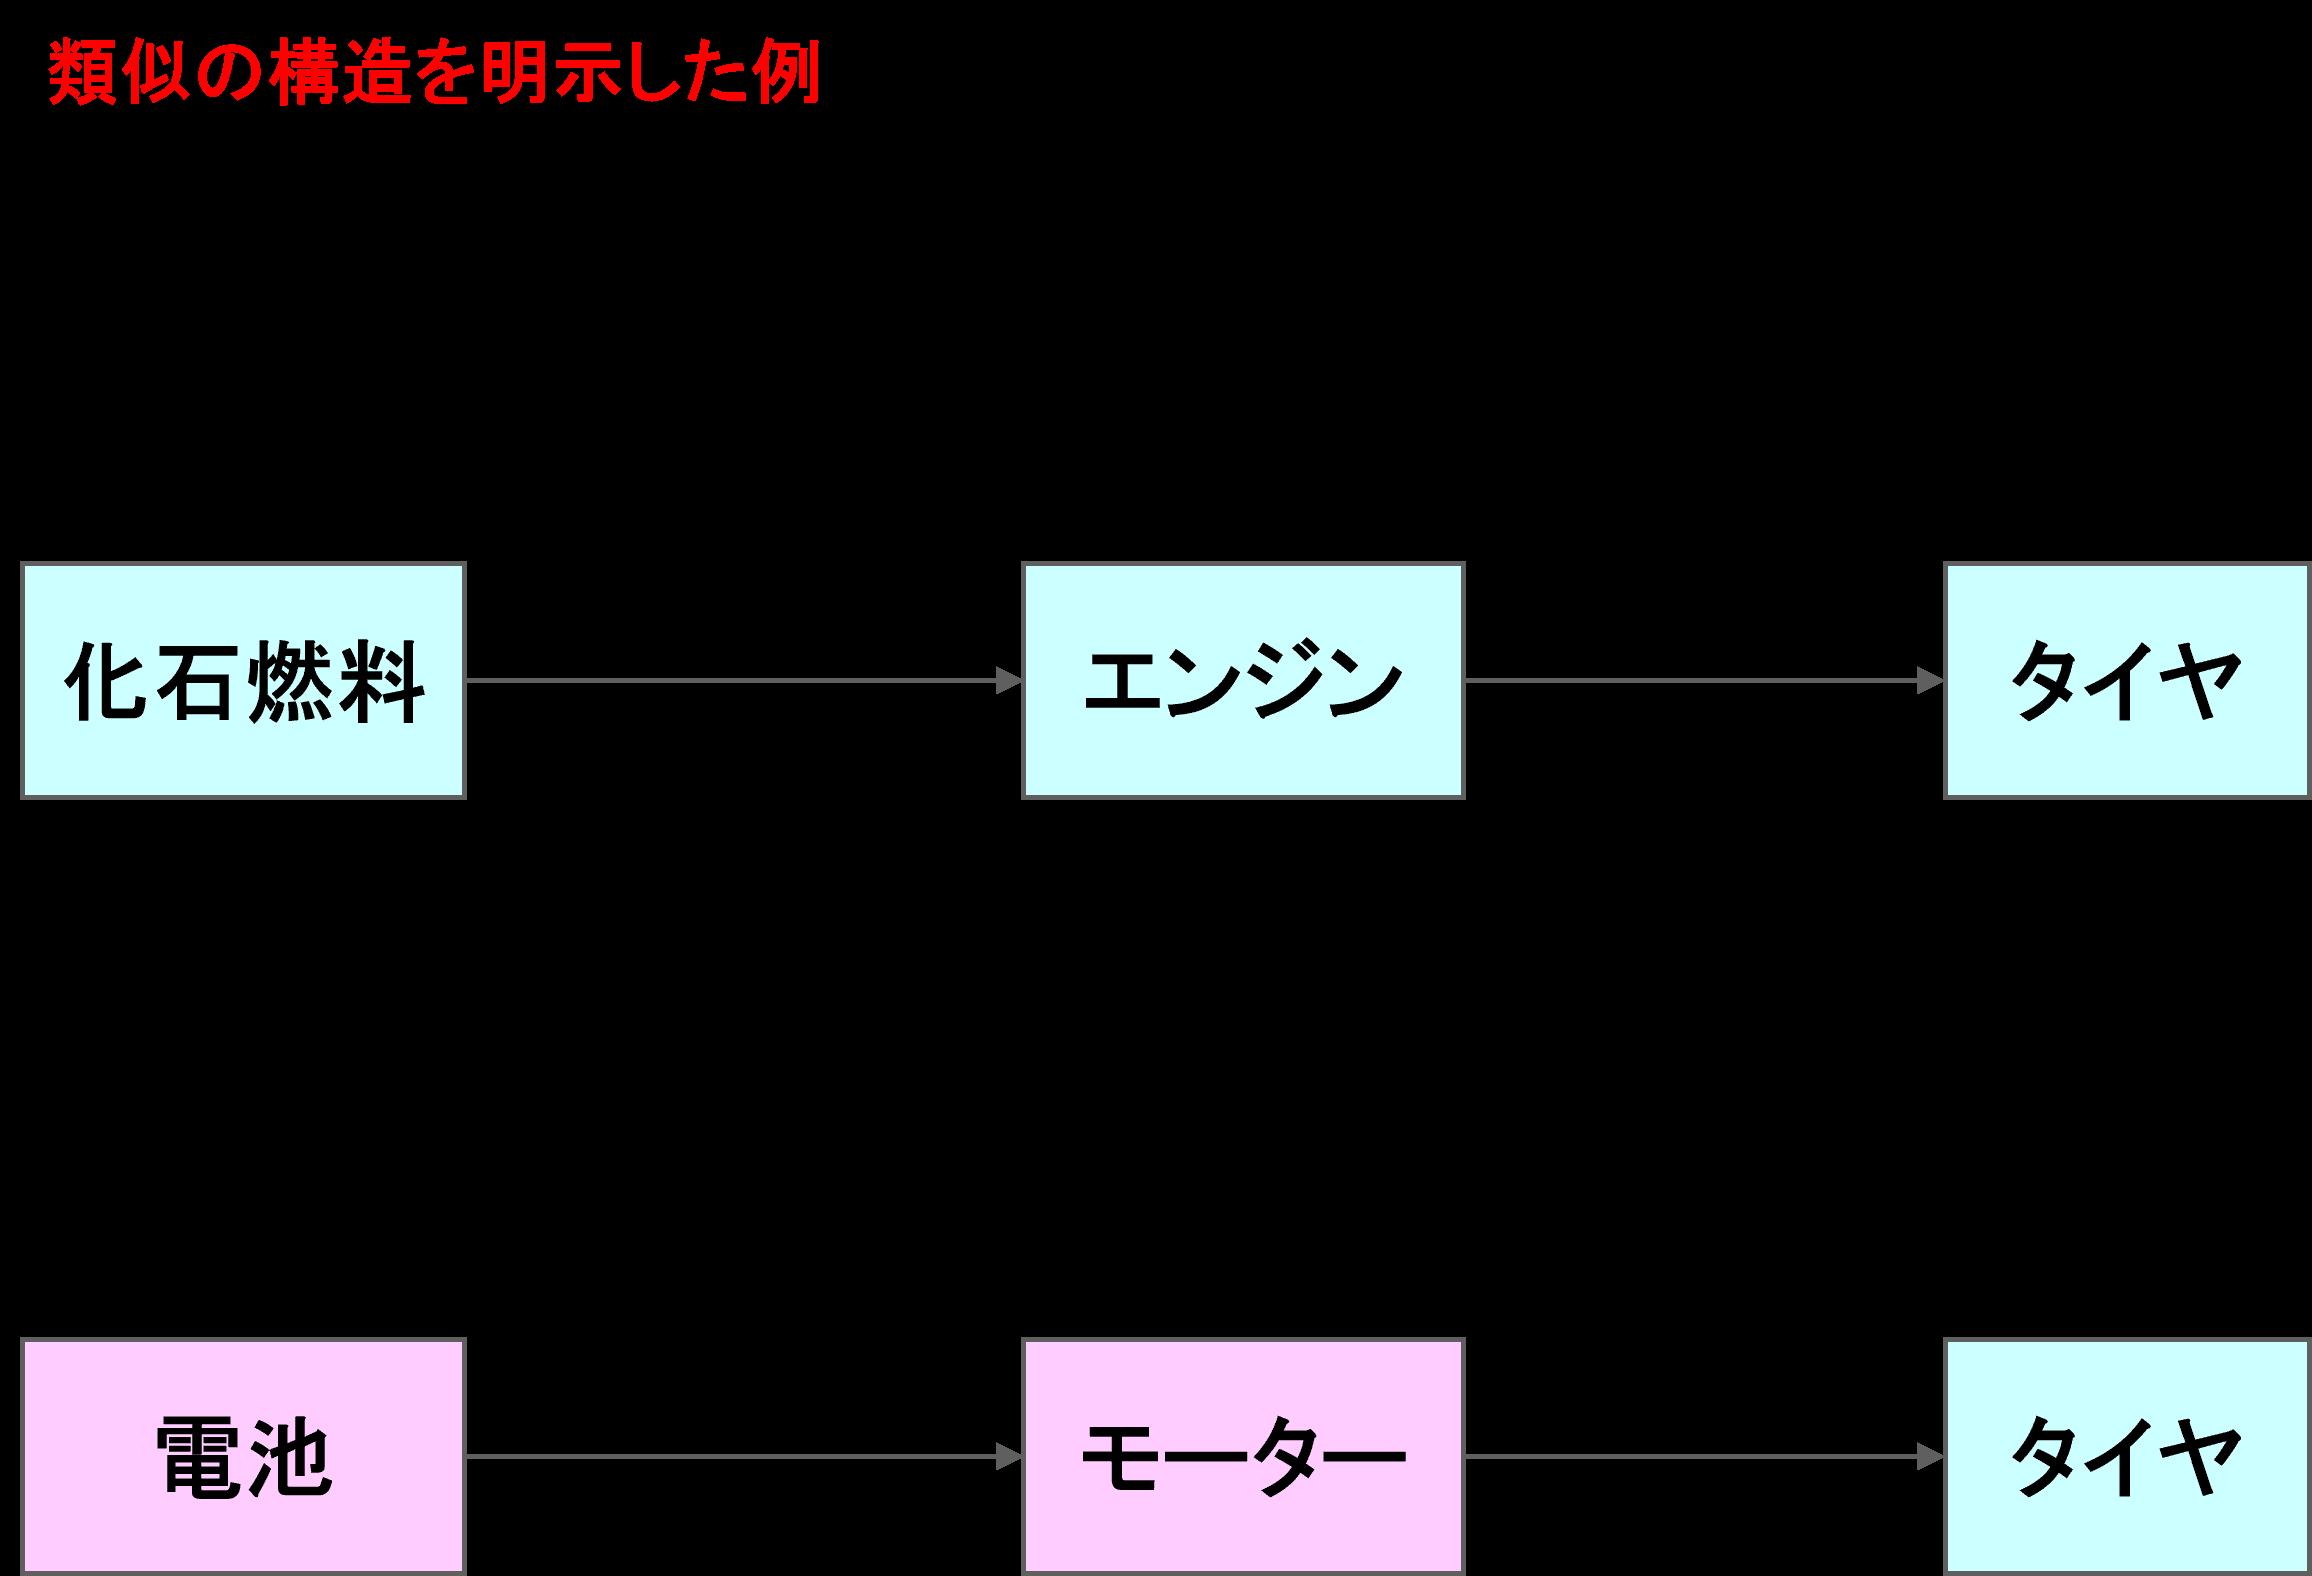 ロジック図解_類似の構造